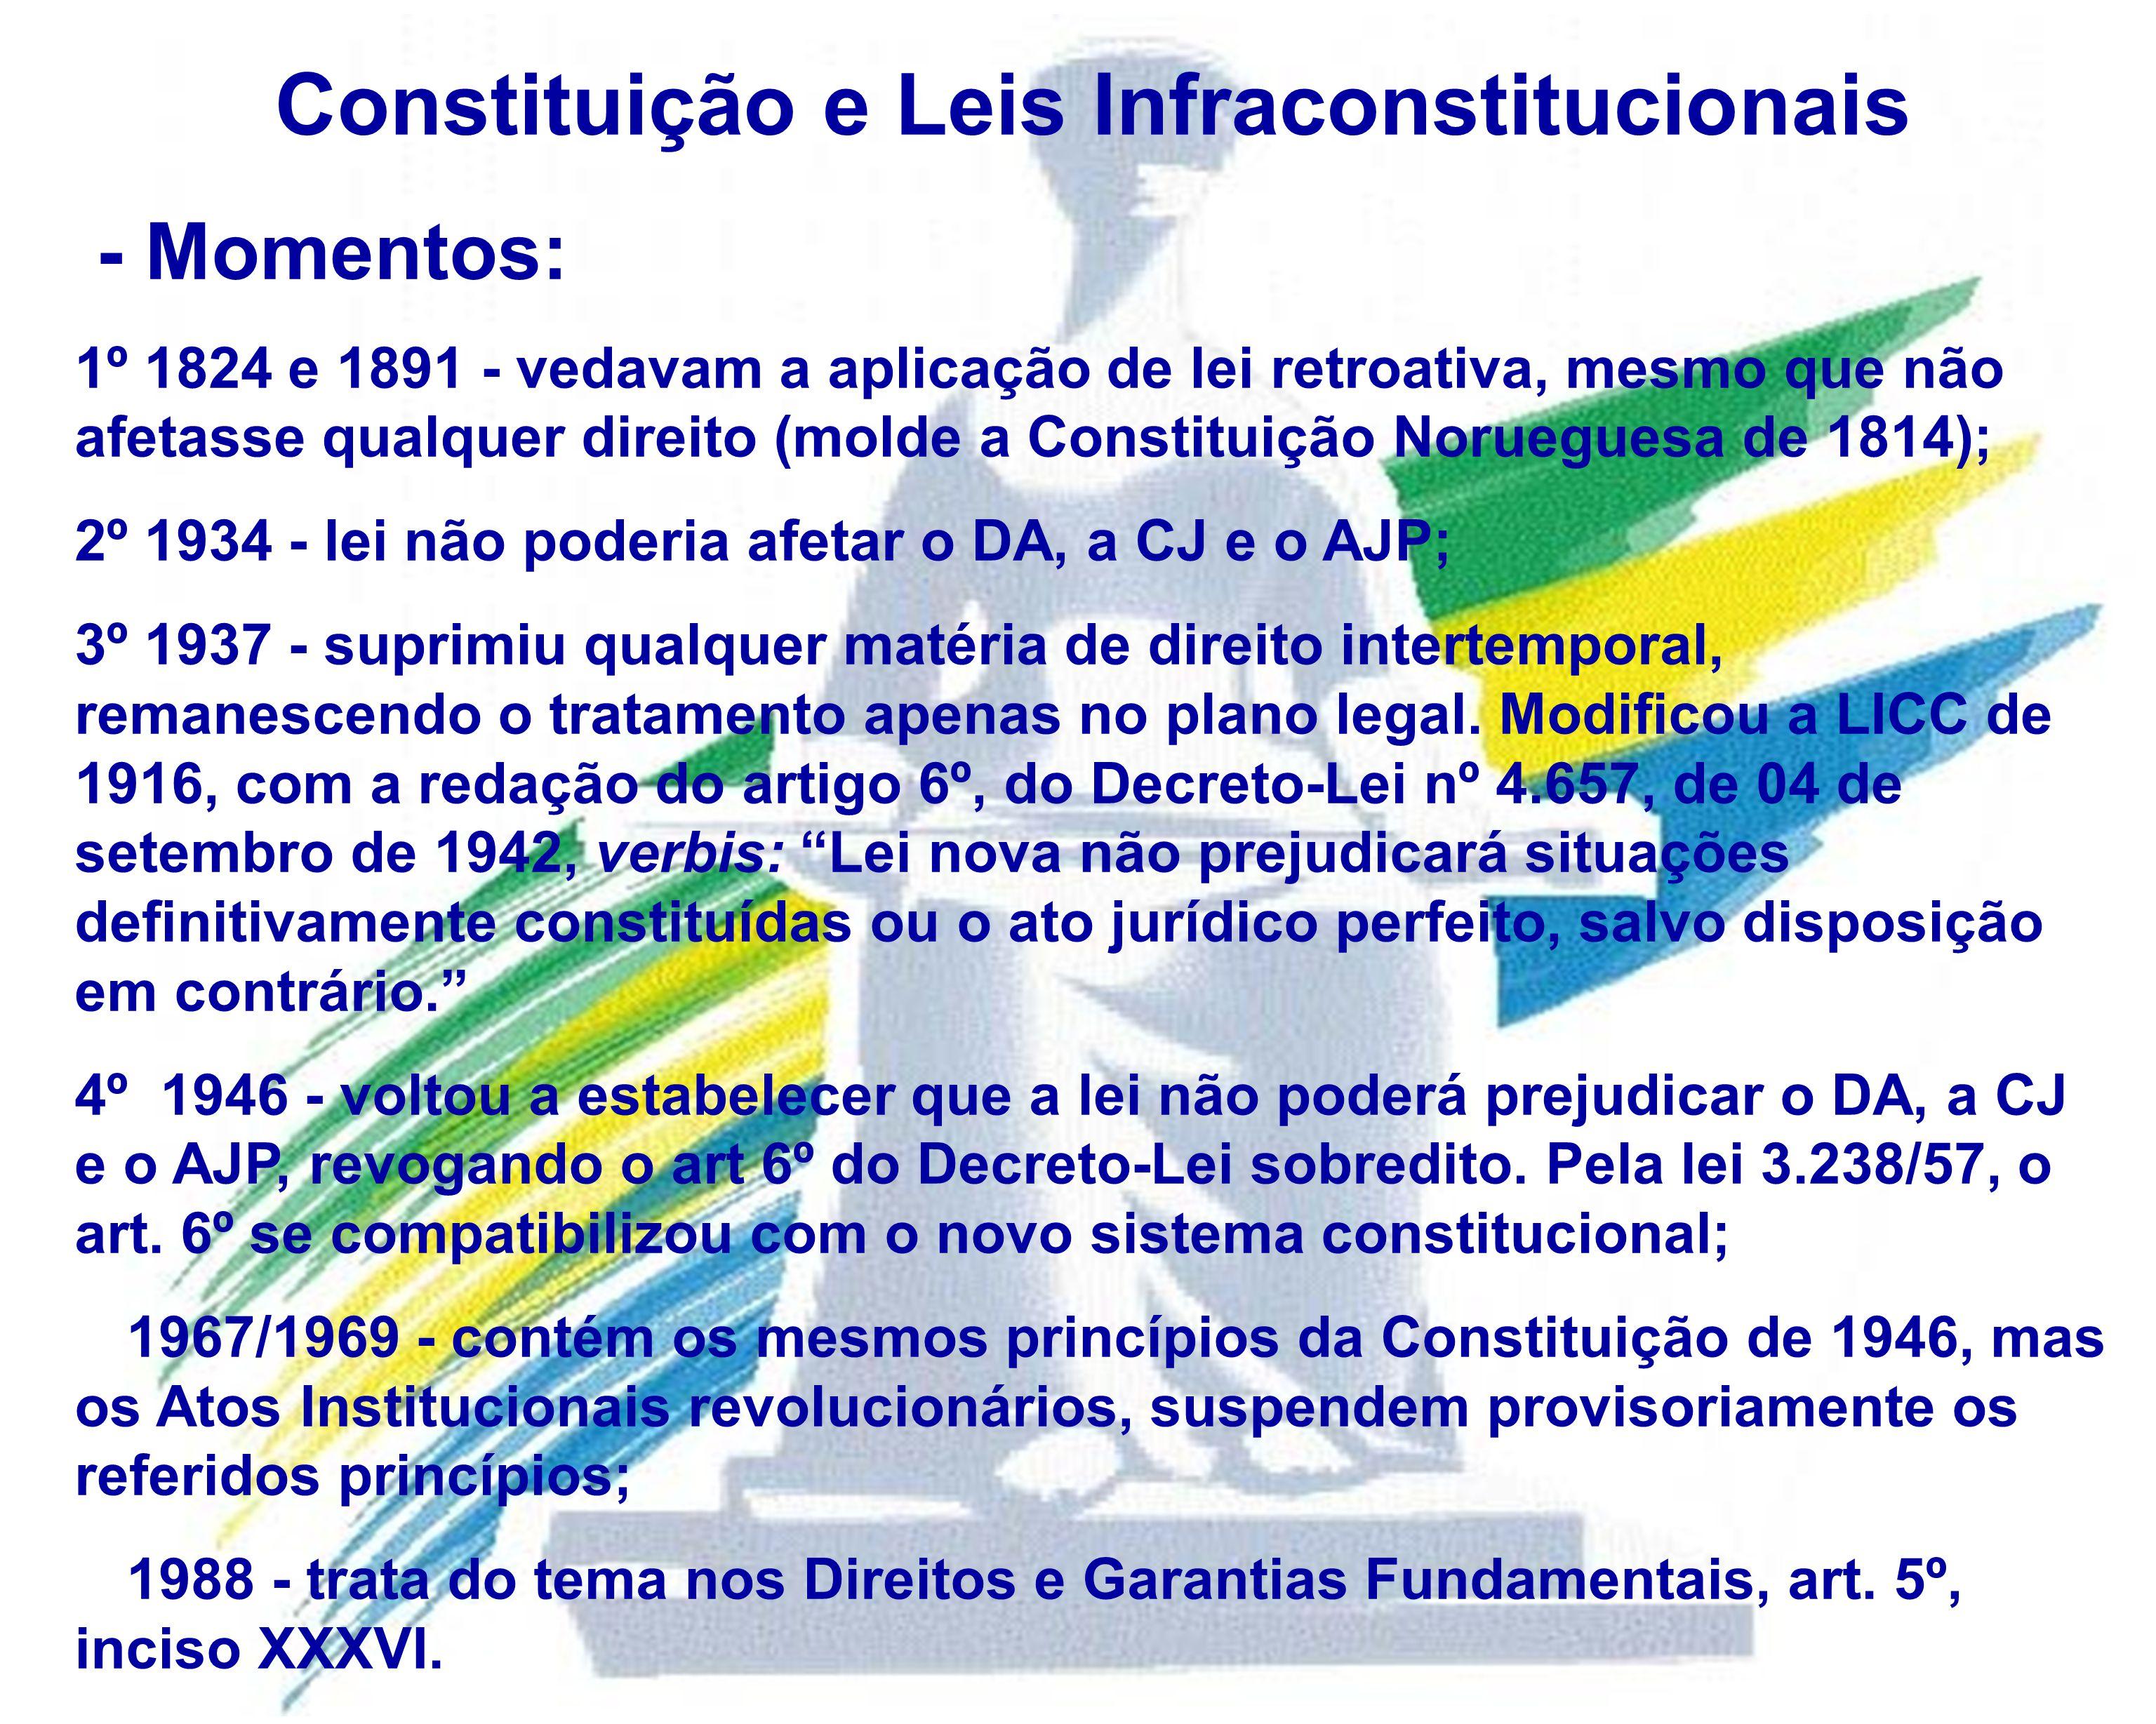 Constituição e Leis Infraconstitucionais